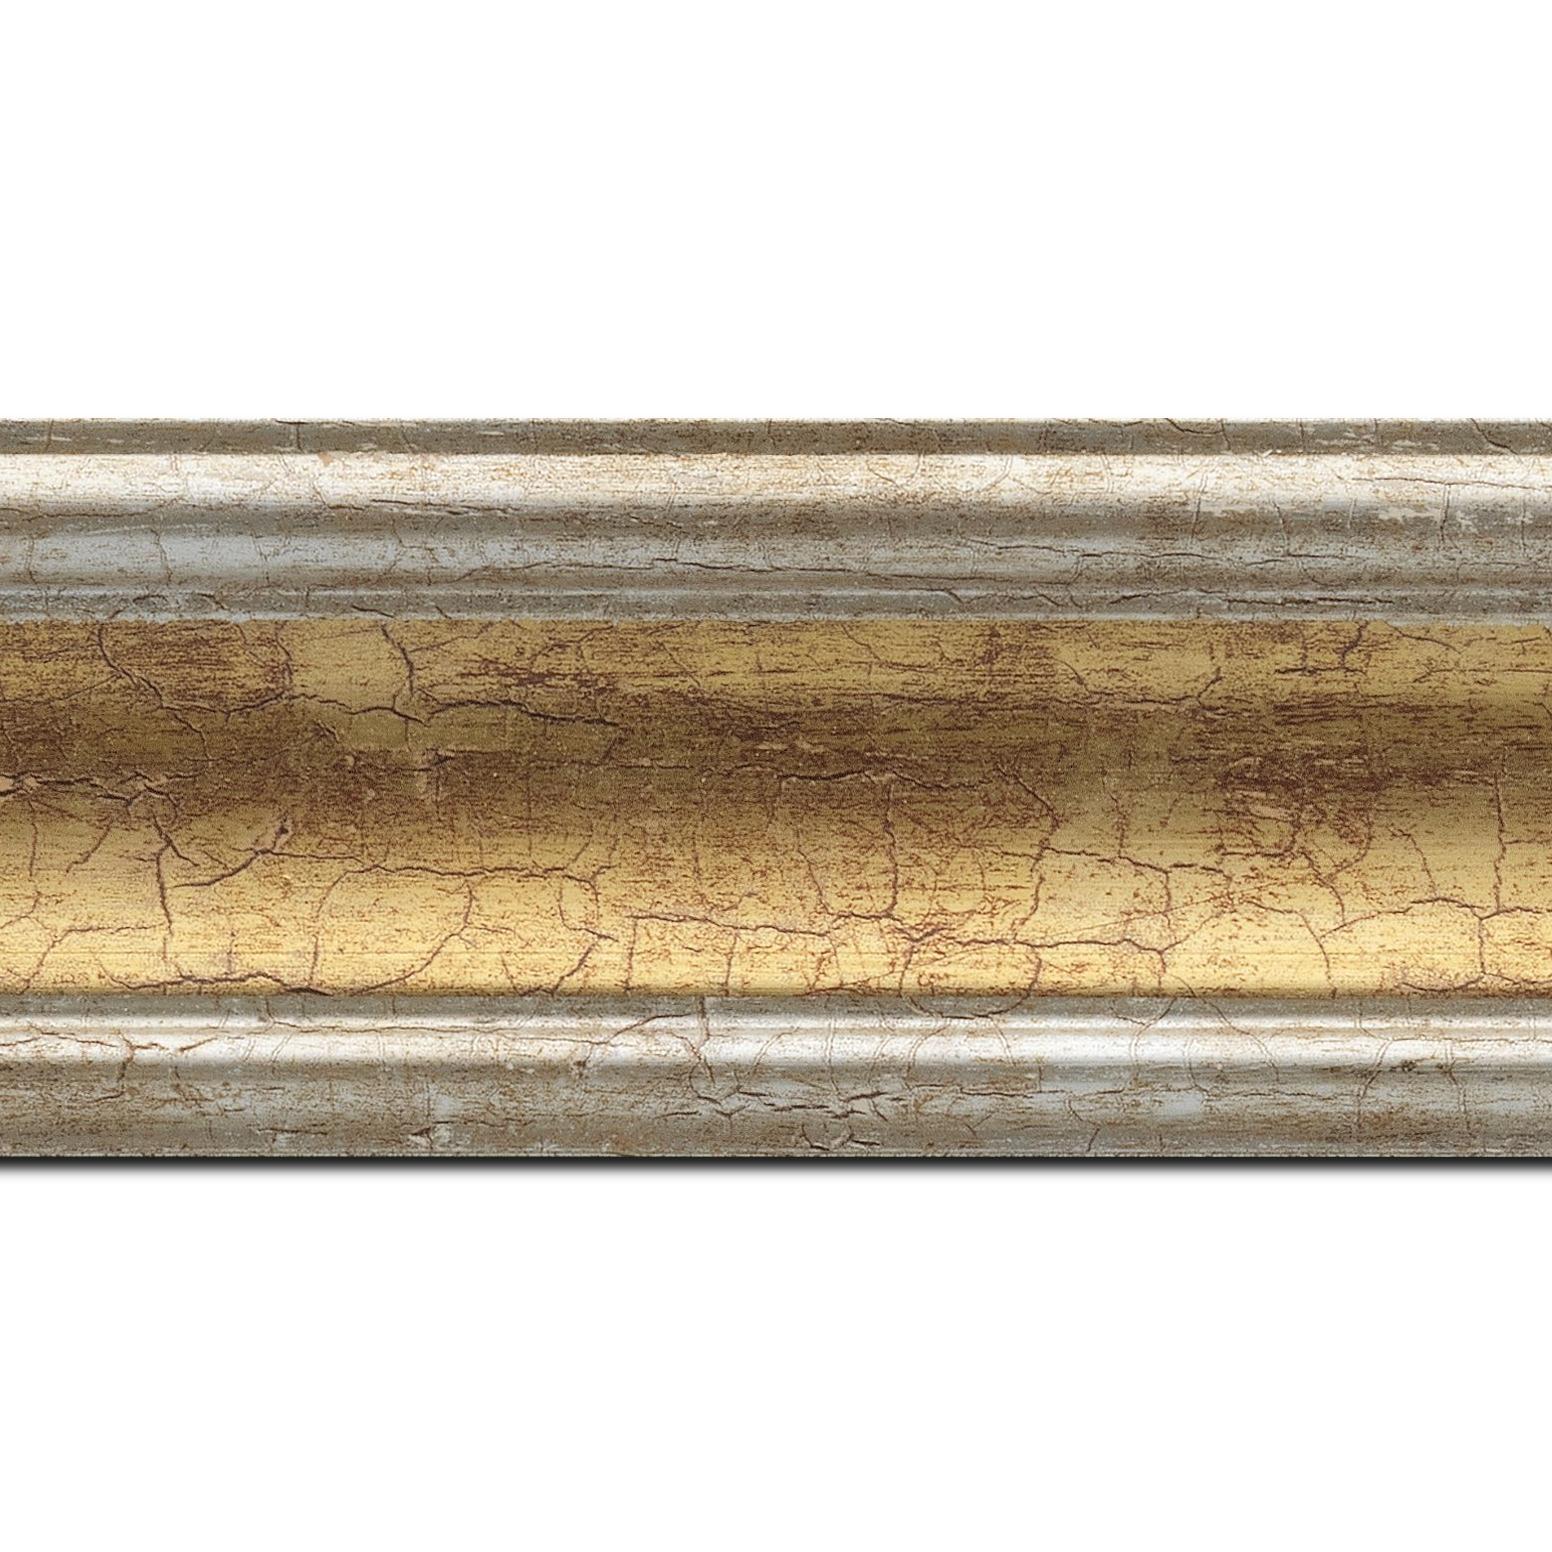 Pack par 12m, bois profil incurvé largeur 7cm gorge or craquelé bord argent chaud craquelé (longueur baguette pouvant varier entre 2.40m et 3m selon arrivage des bois)